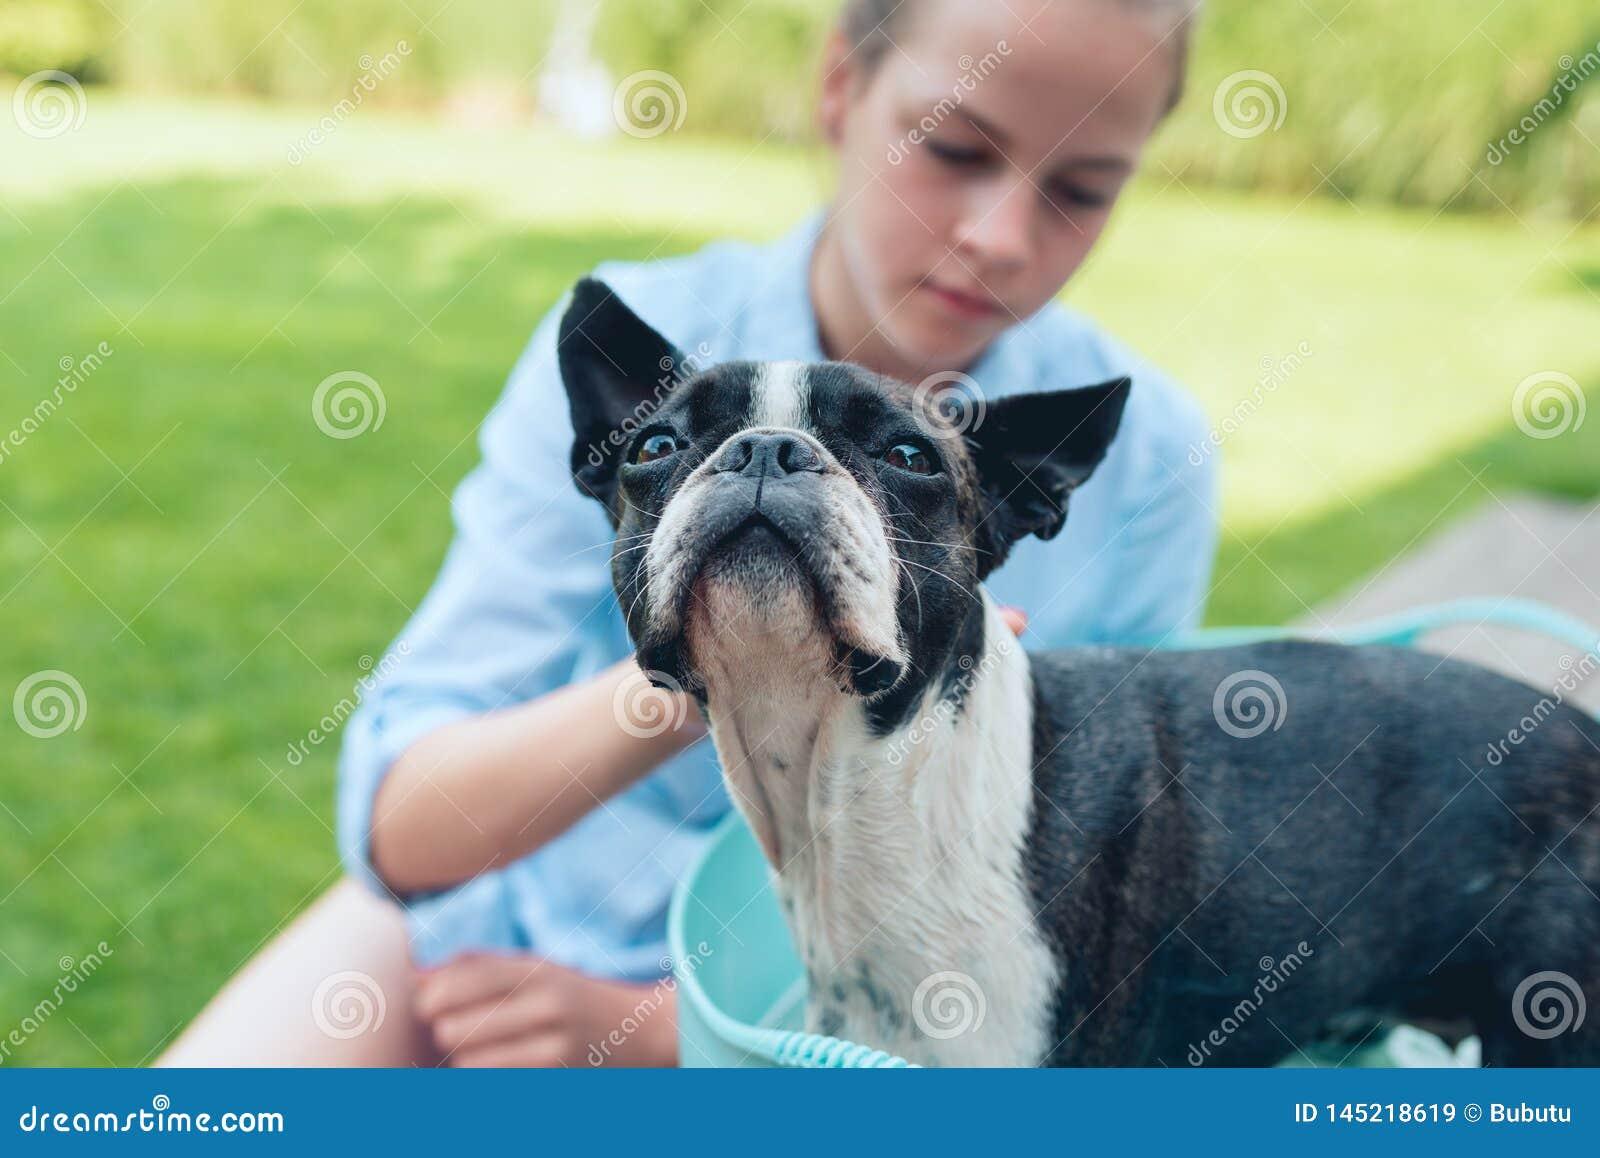 Kinder waschen Boston-Terrierwelpen im blauen Becken im Sommergarten